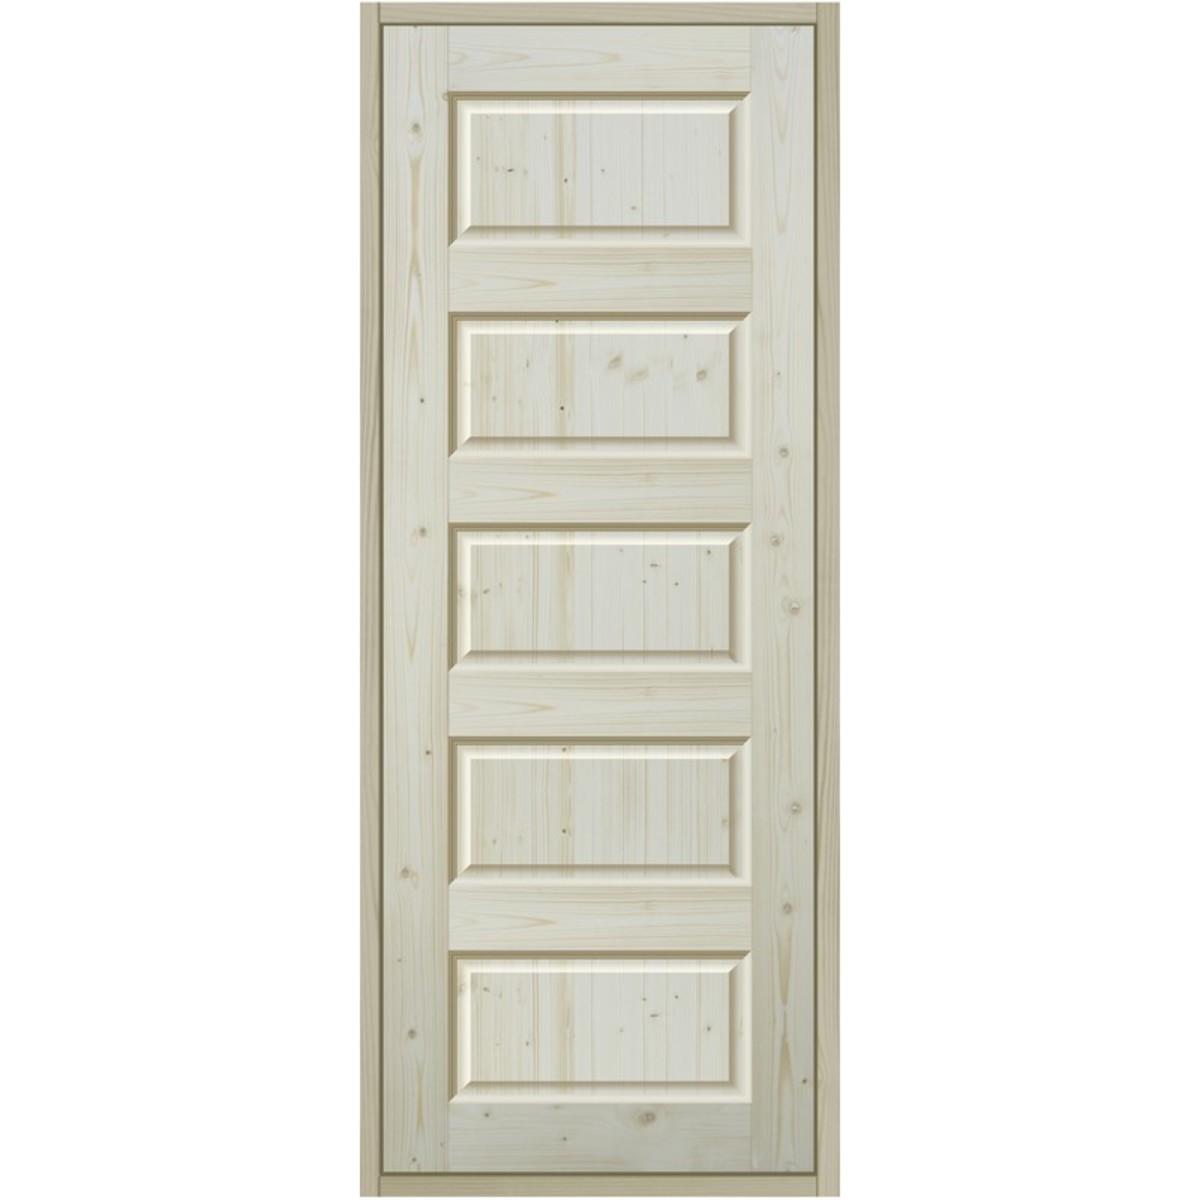 Дверь межкомнатная 80x200 см пятифиленчатый массив хвои цвет натуральный